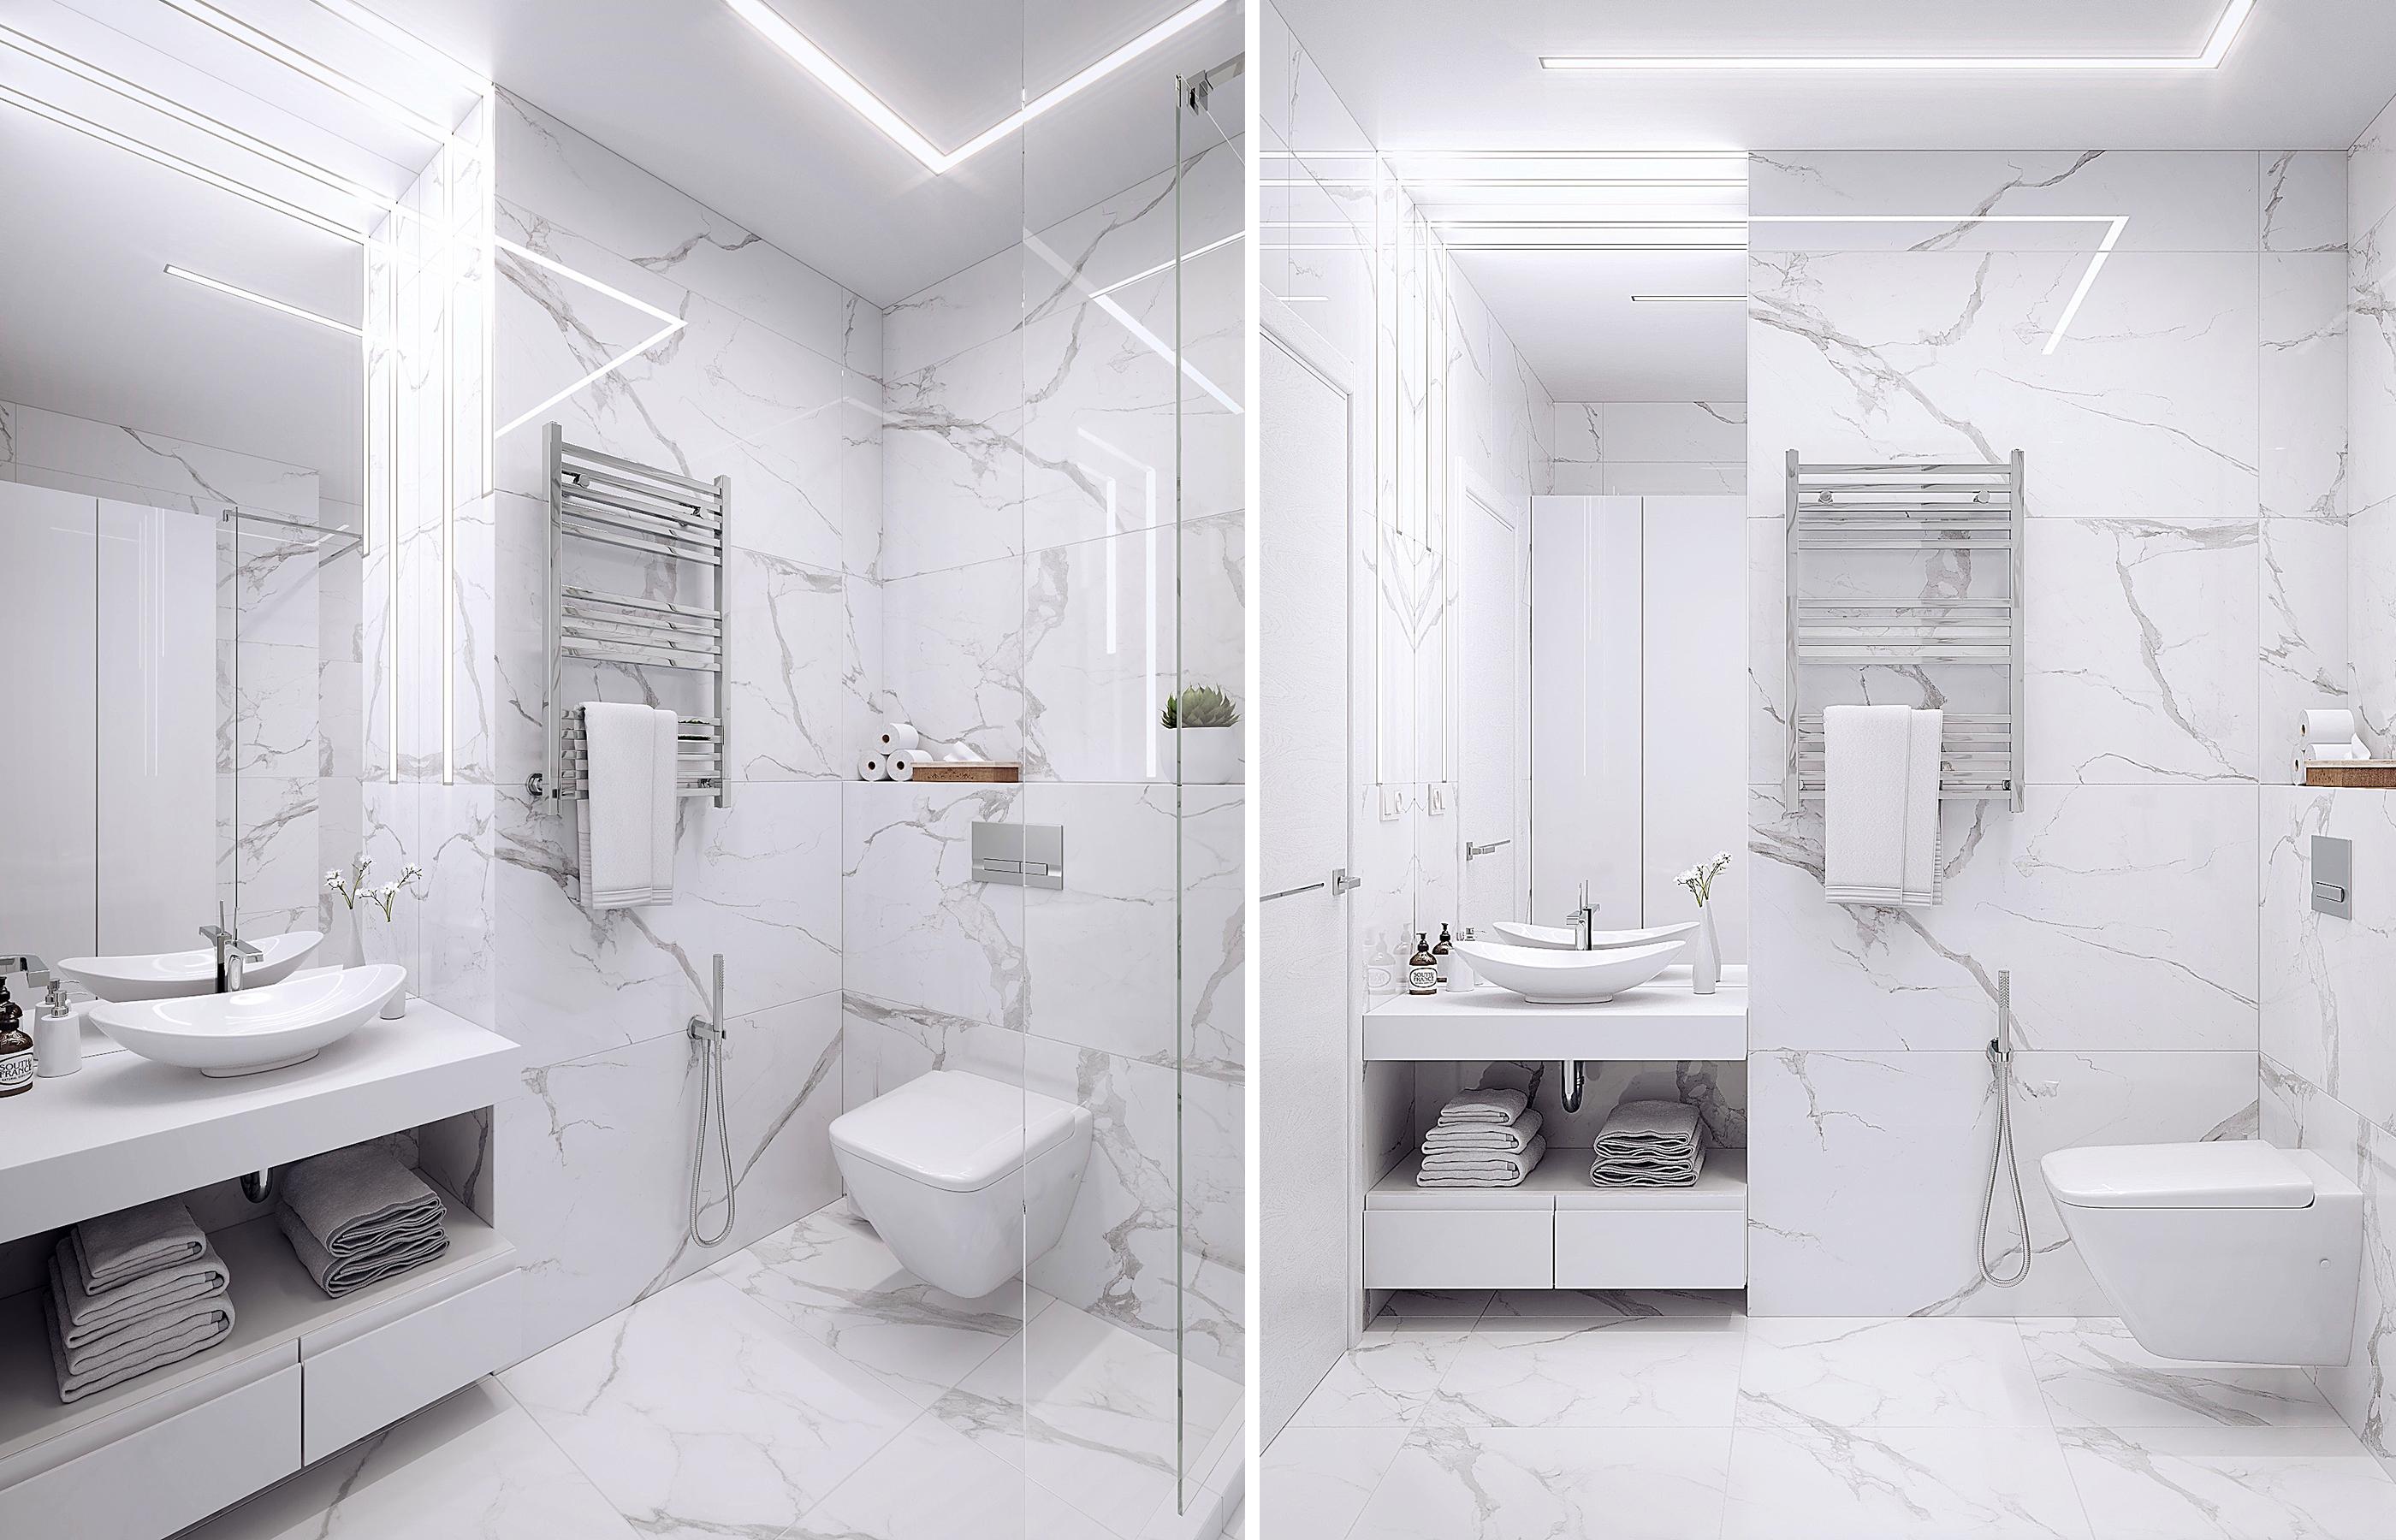 Стены ванной комнаты отделаны крупно-форматным керамогранитом с фактурой мрамора